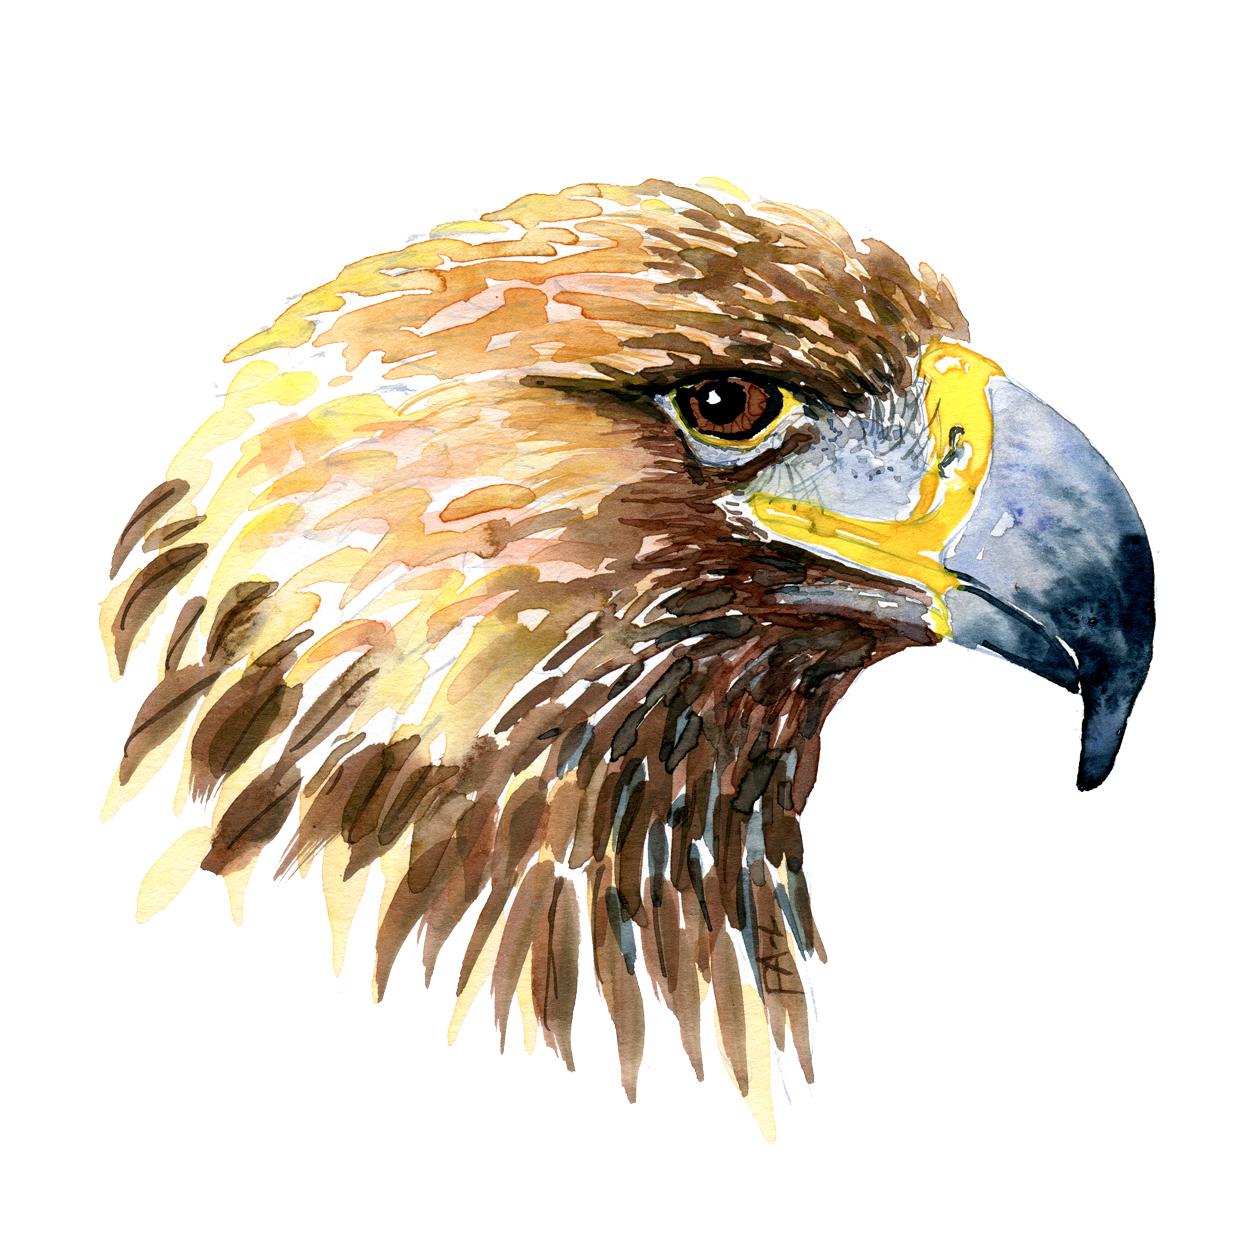 Kongeoern hoved fugle akvarel af Frits Ahlefeldt, Biodiversitet i Danmark illustration